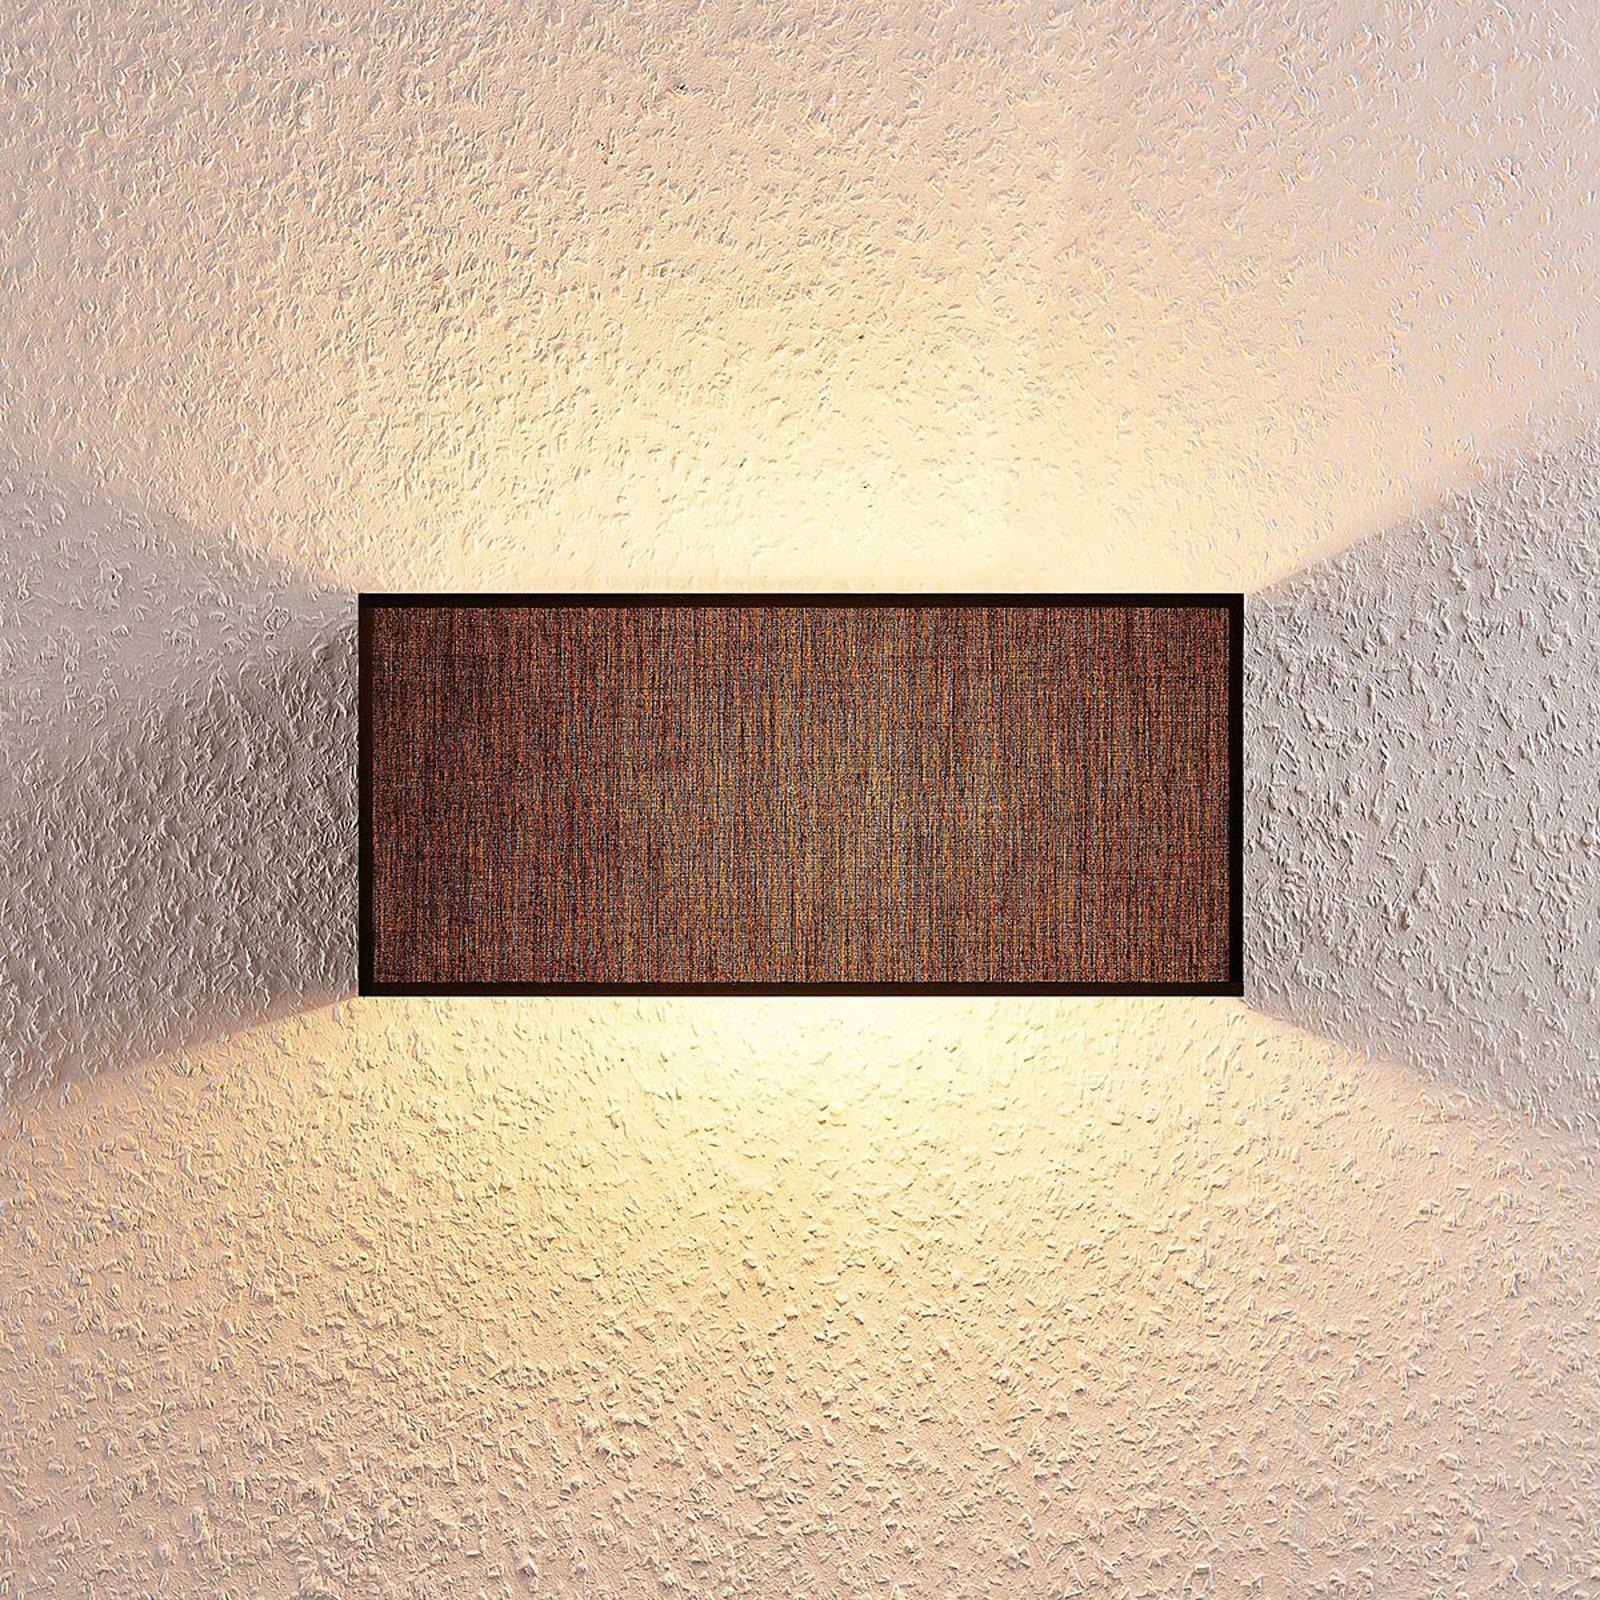 Adea stoff-vegglampe, 30 cm, kantet, svart